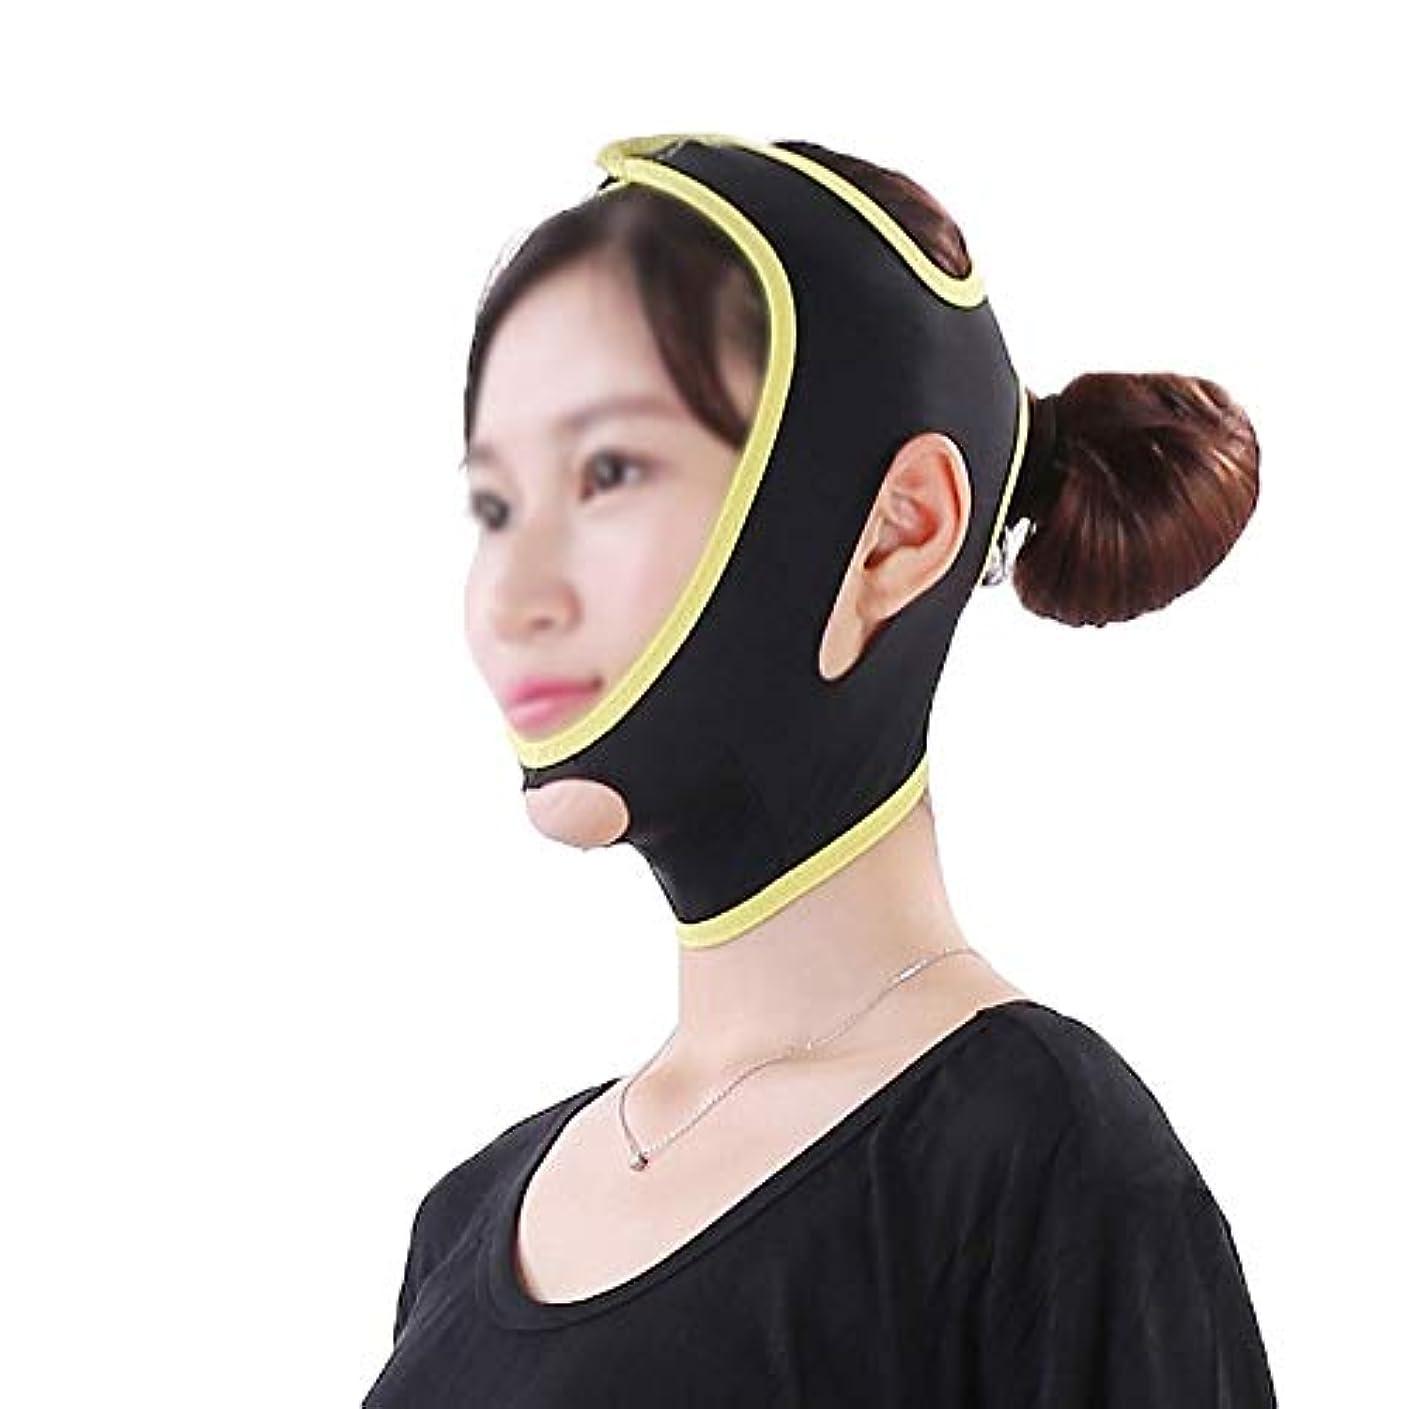 遵守する商人アルバニーTLMY フェイス&ネックリフトシンフェイスマスクパワフルマスクフェイスリフトアーチファクトフェイスリフトフェイスツールシンフェイス包帯シンフェイスマスク美容マスク 顔用整形マスク (Size : L)